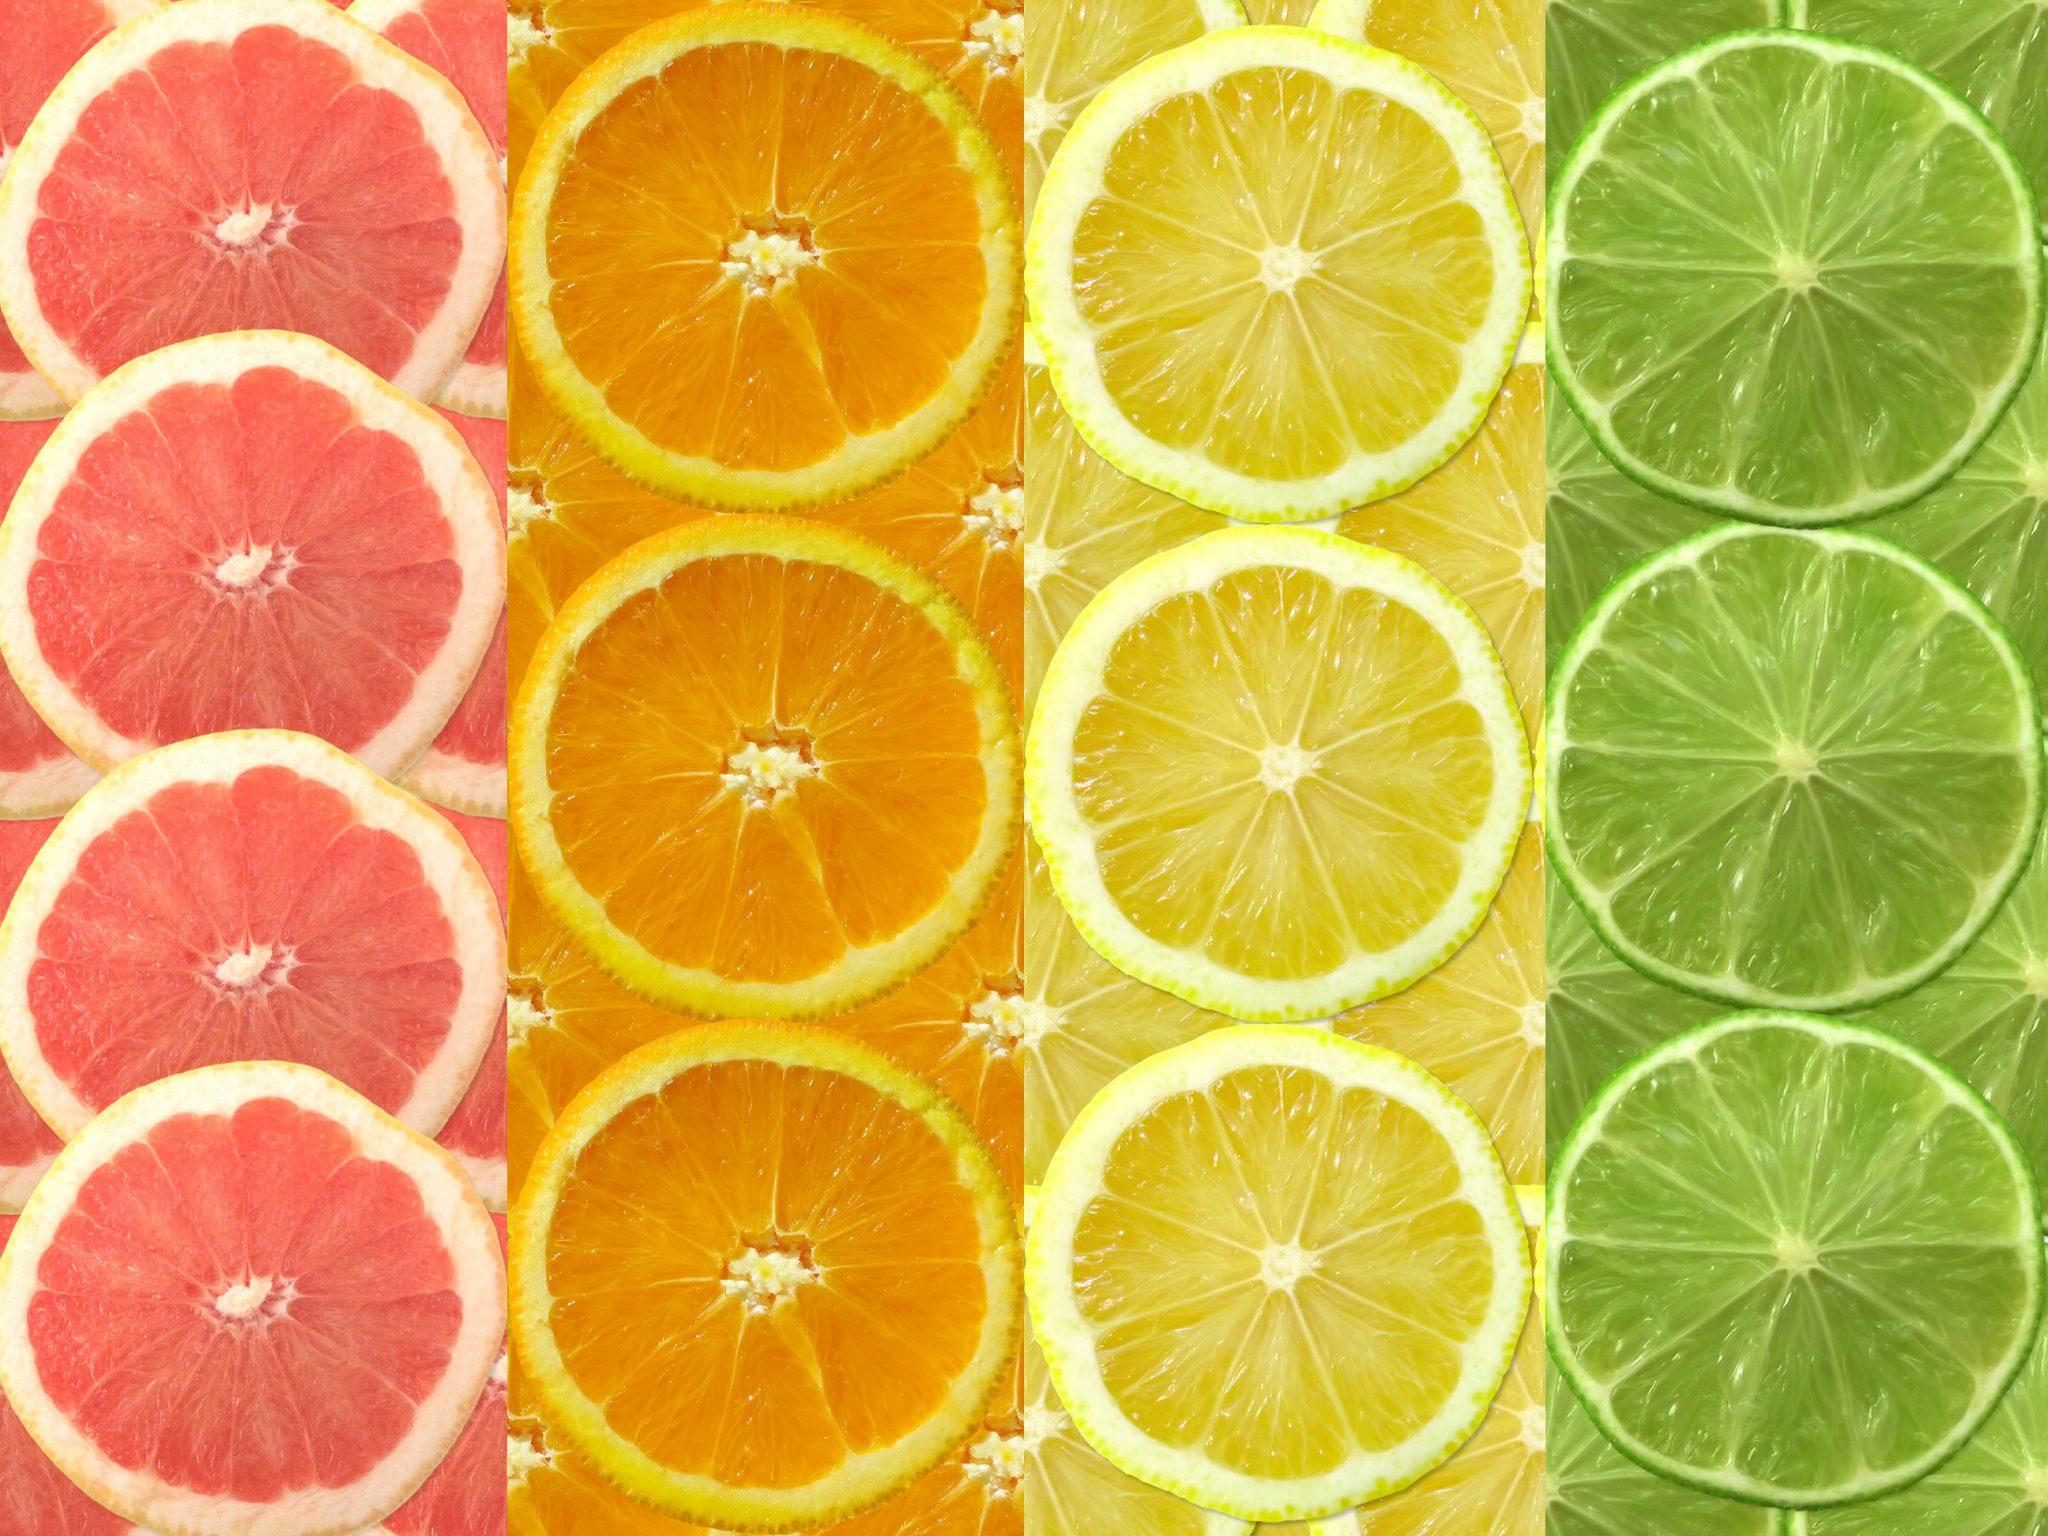 ویتامین C باکتریهای مقاوم به دارو را از بین میبرد